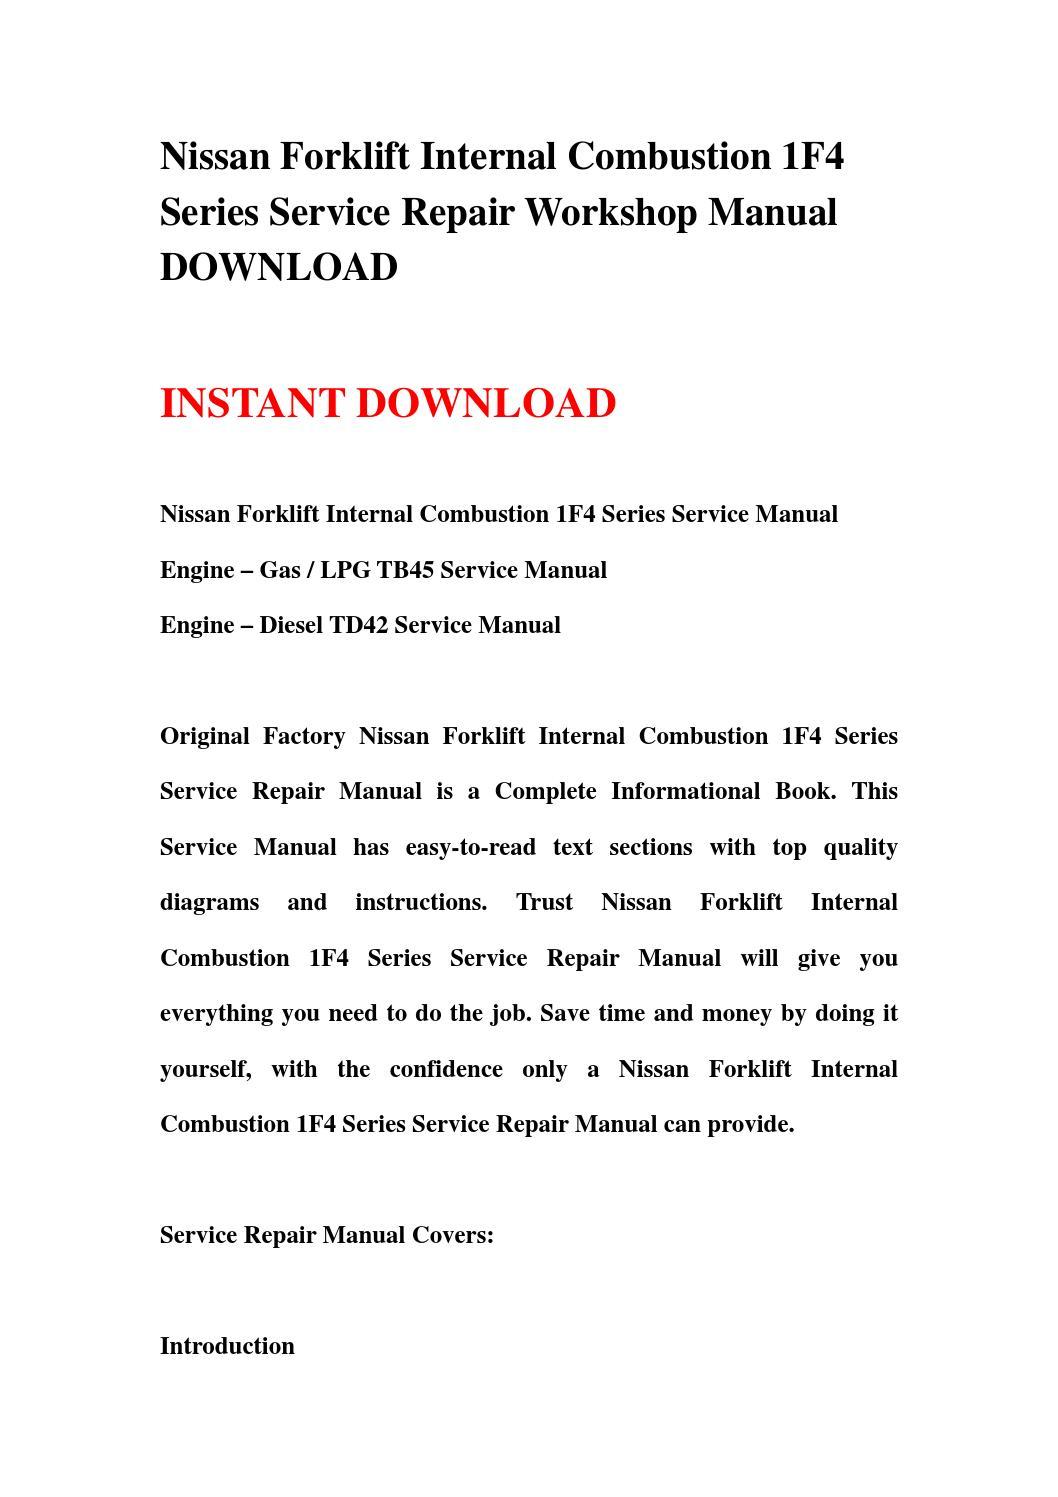 nissan forklift internal combustion 1f4 series service. Black Bedroom Furniture Sets. Home Design Ideas